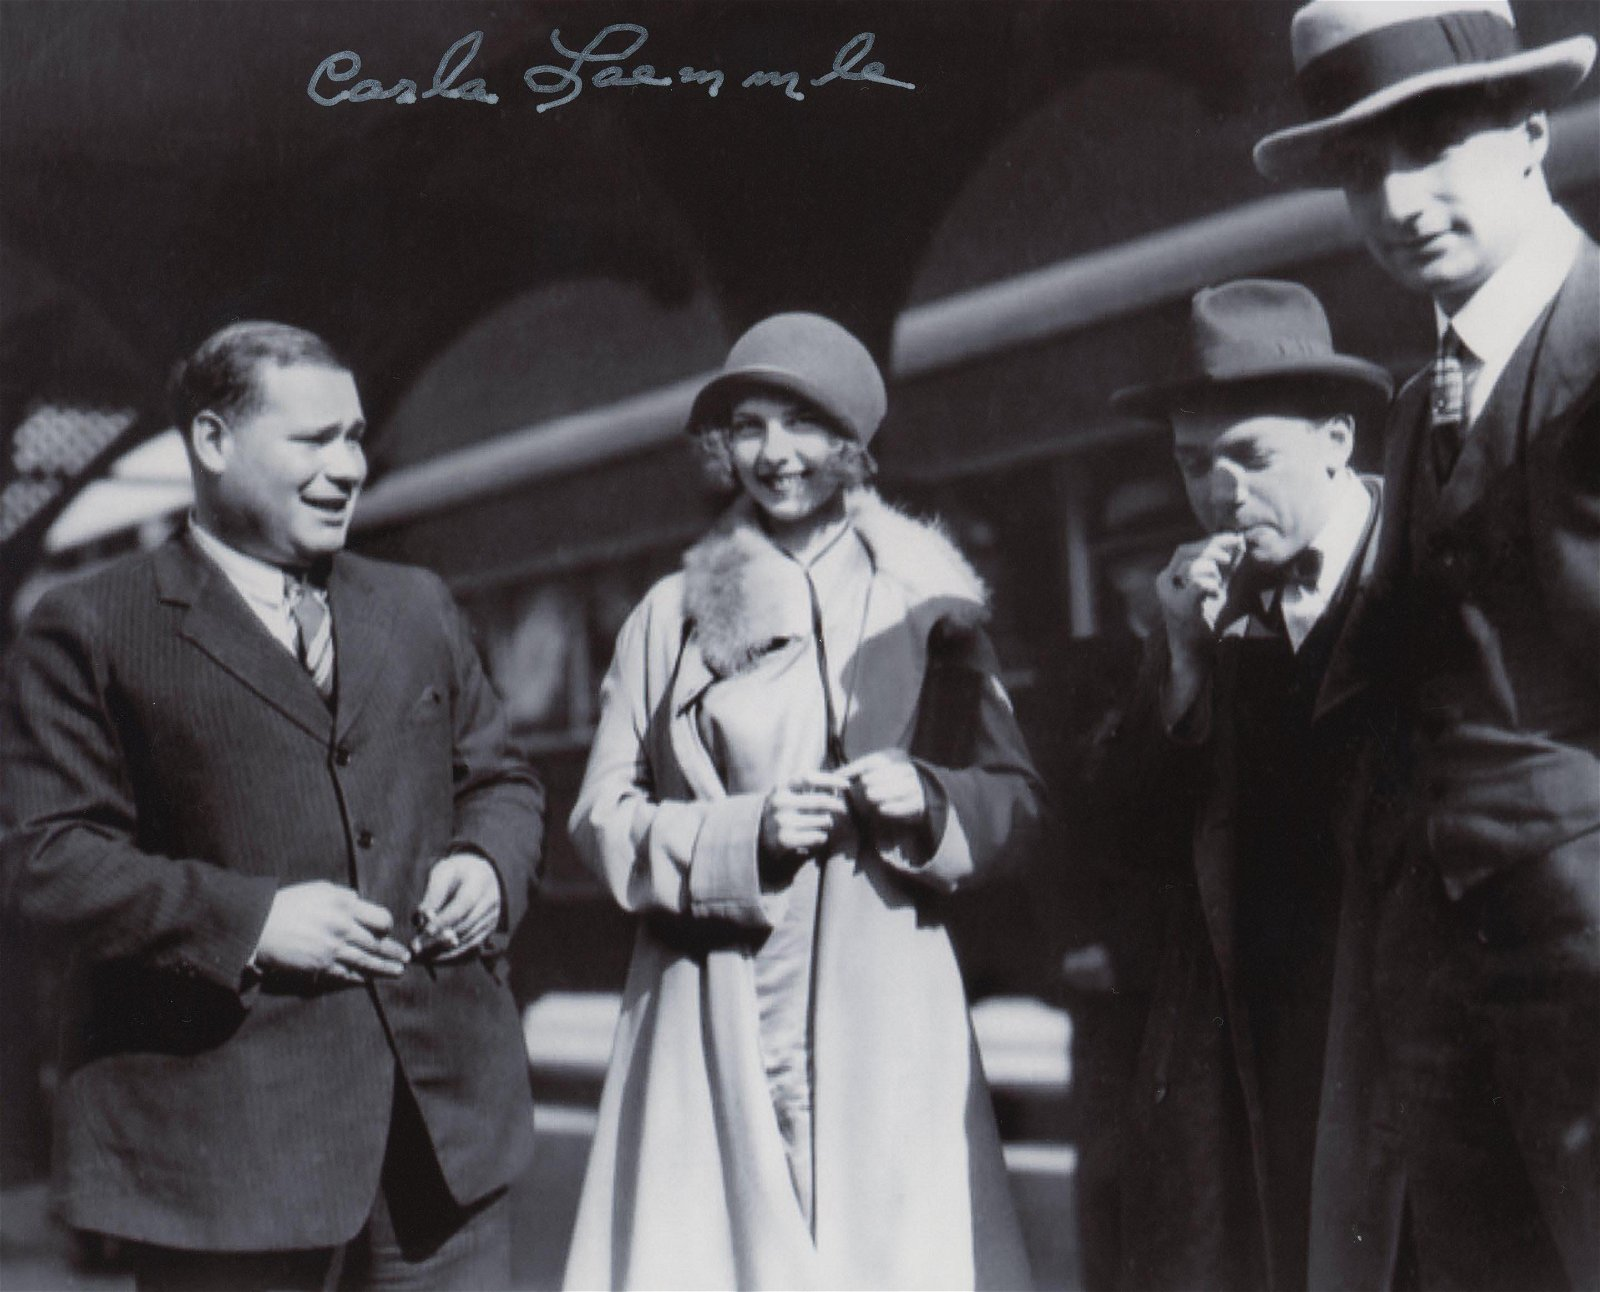 Carla Laemmle signed photo